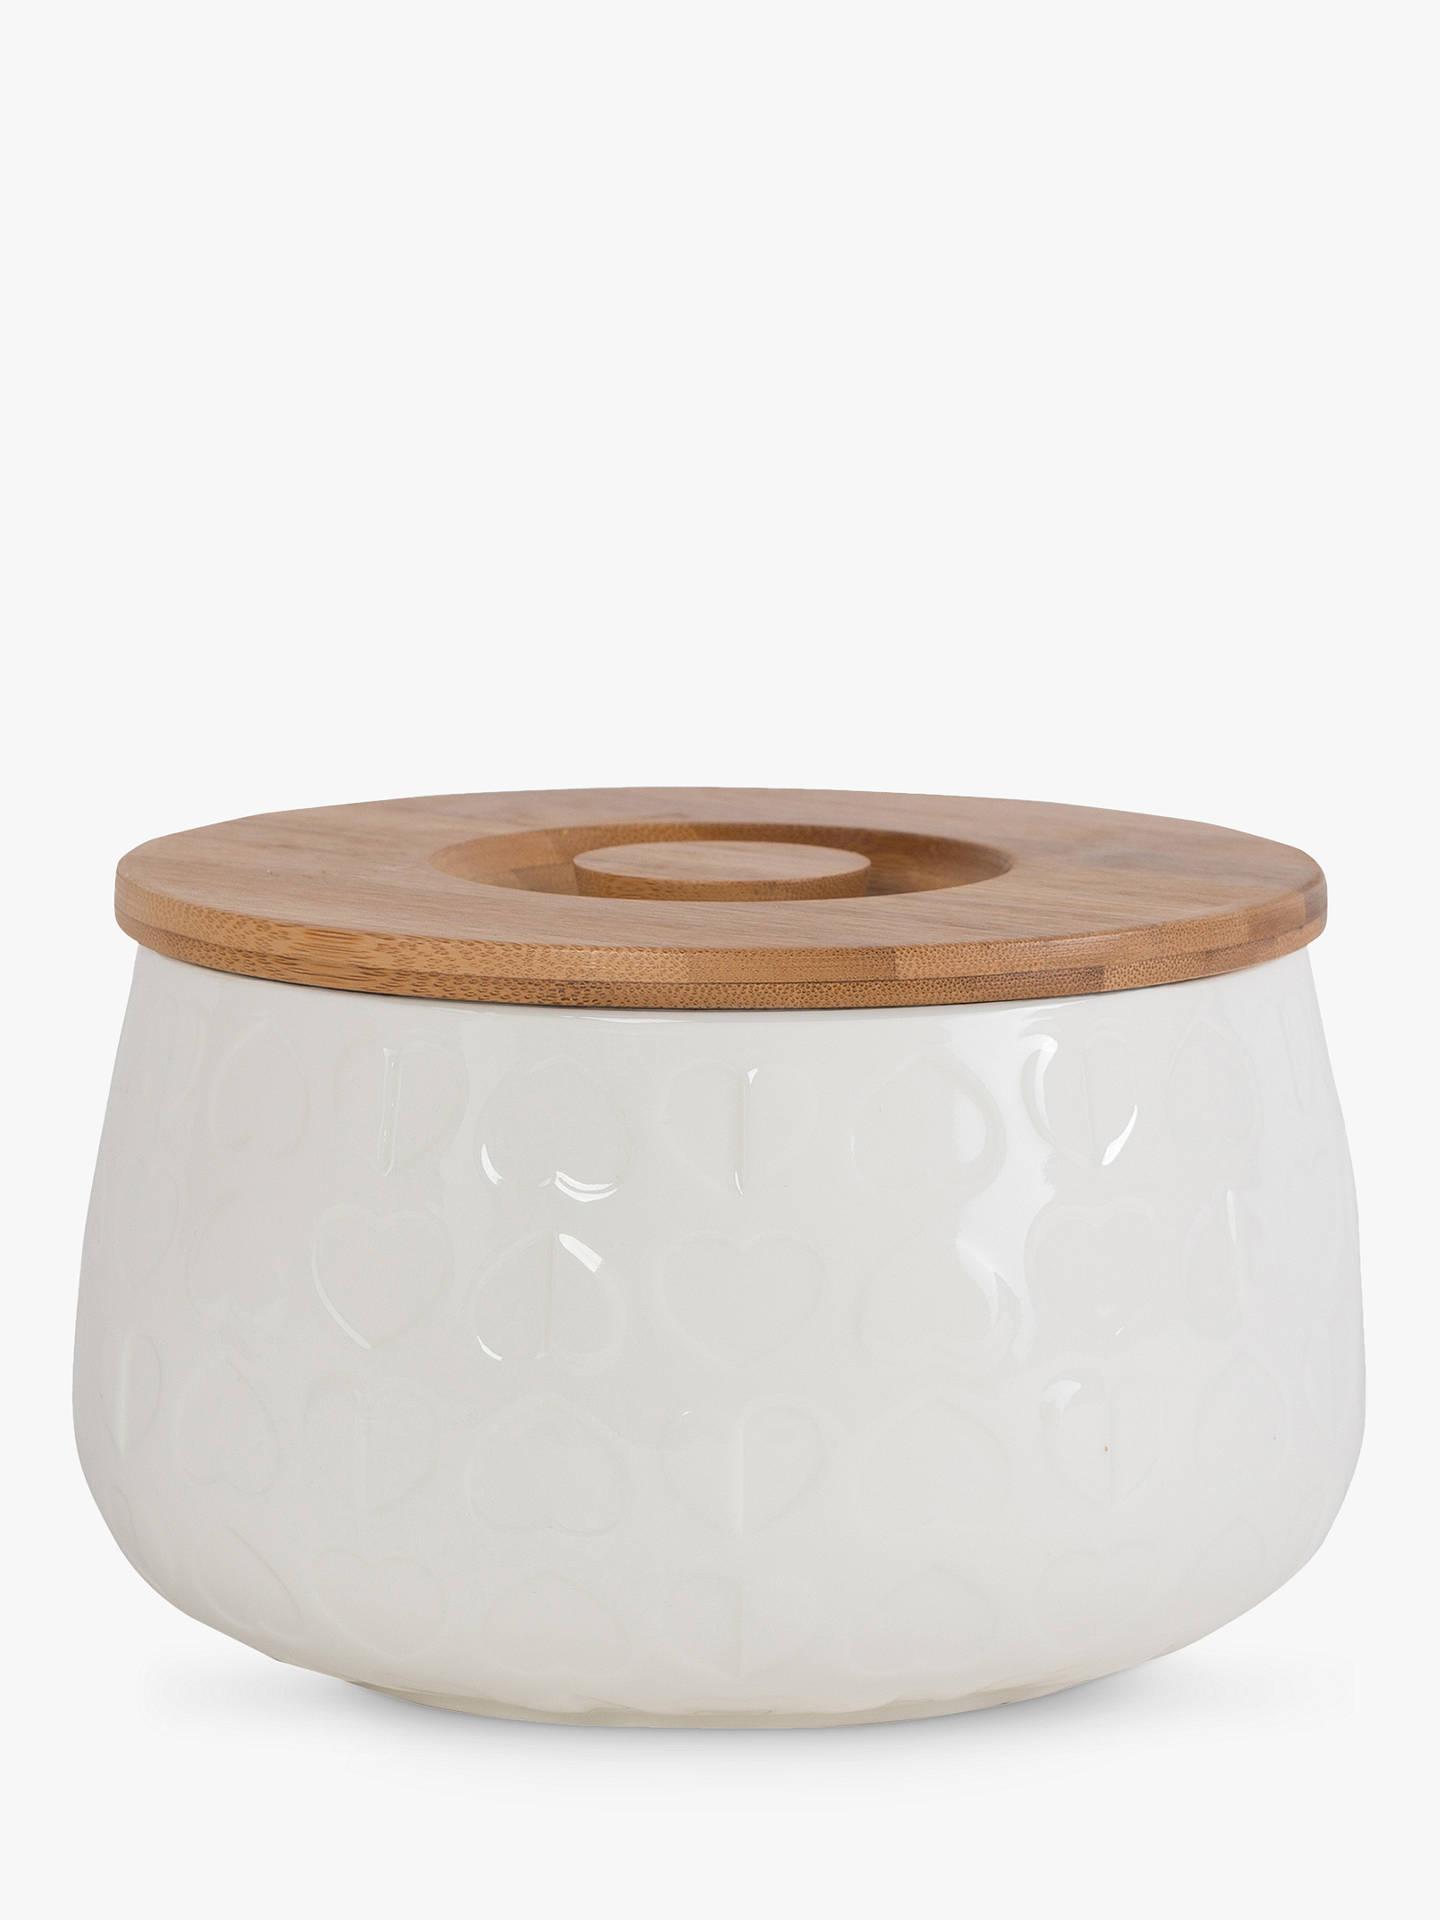 Beau Elliot Embossed Ceramic Biscuit Jar With Wood Lid White Online At Johnlewis